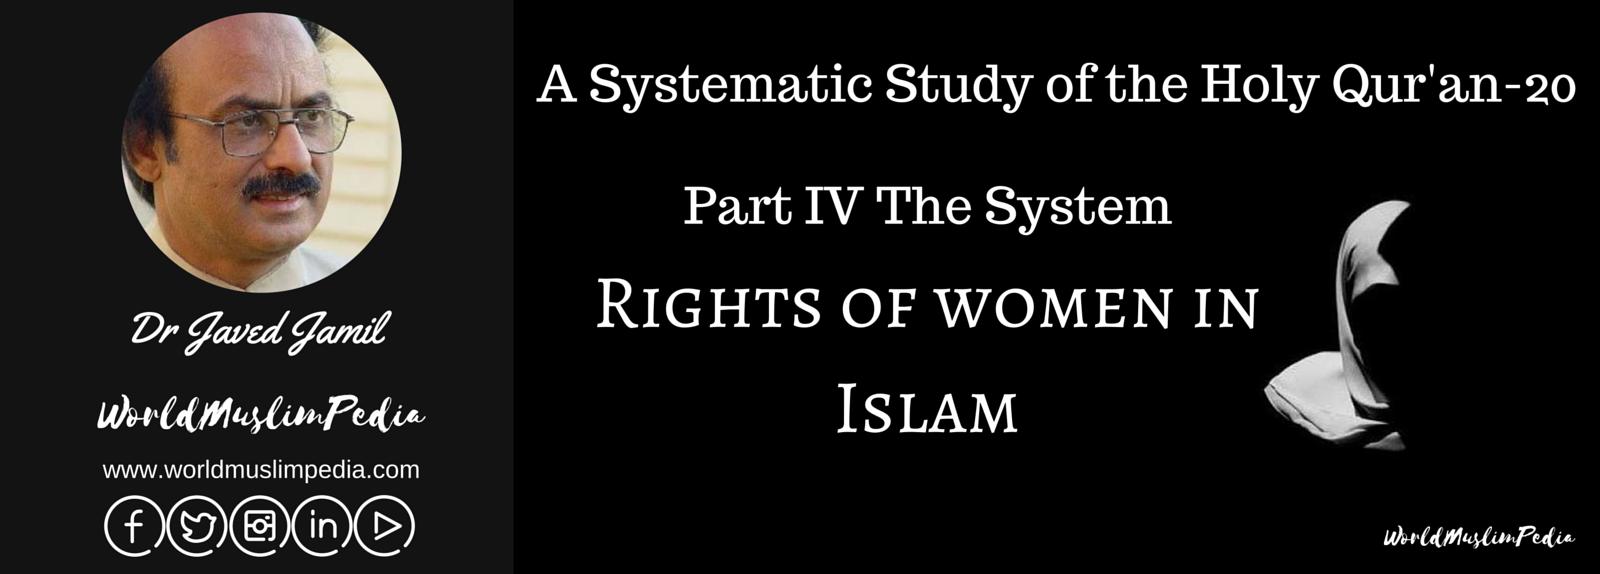 WMP-Rights of women in Islam